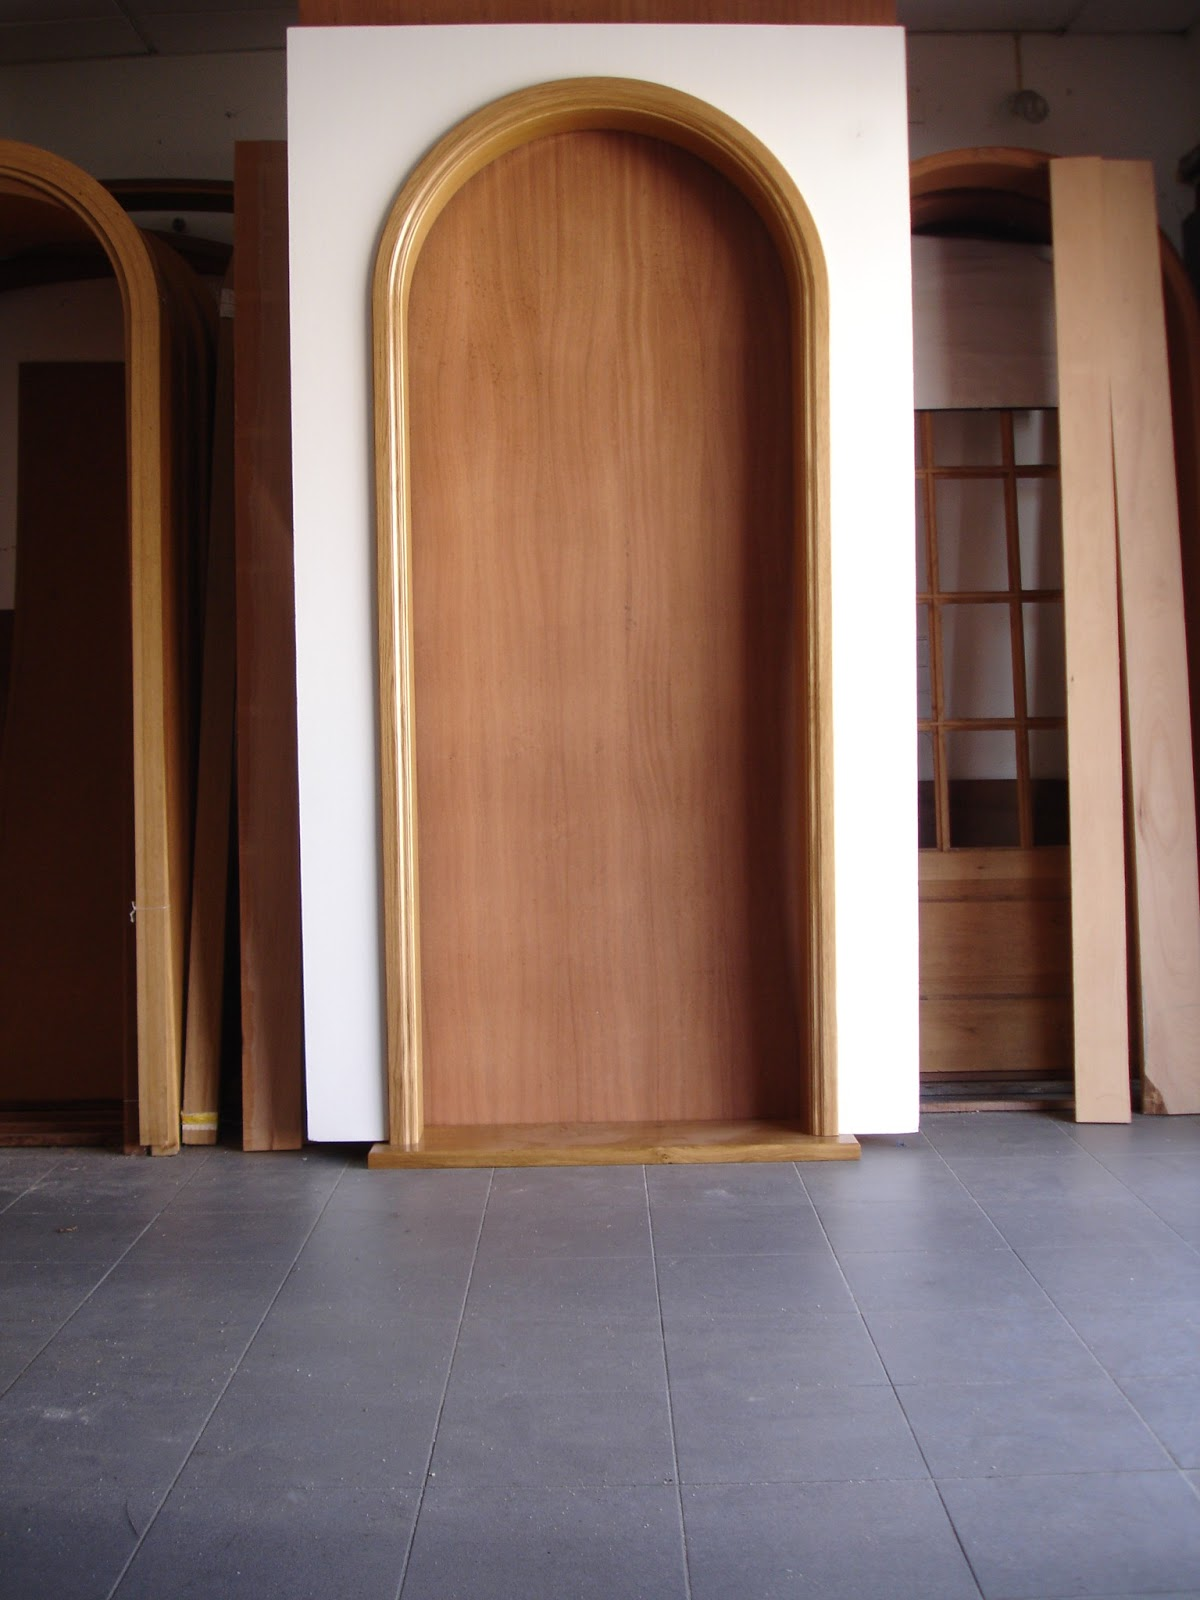 #926339 Porta redonda inteira em madeira maciça. 1372 Preços De Janelas De Madeira Em Volta Redonda